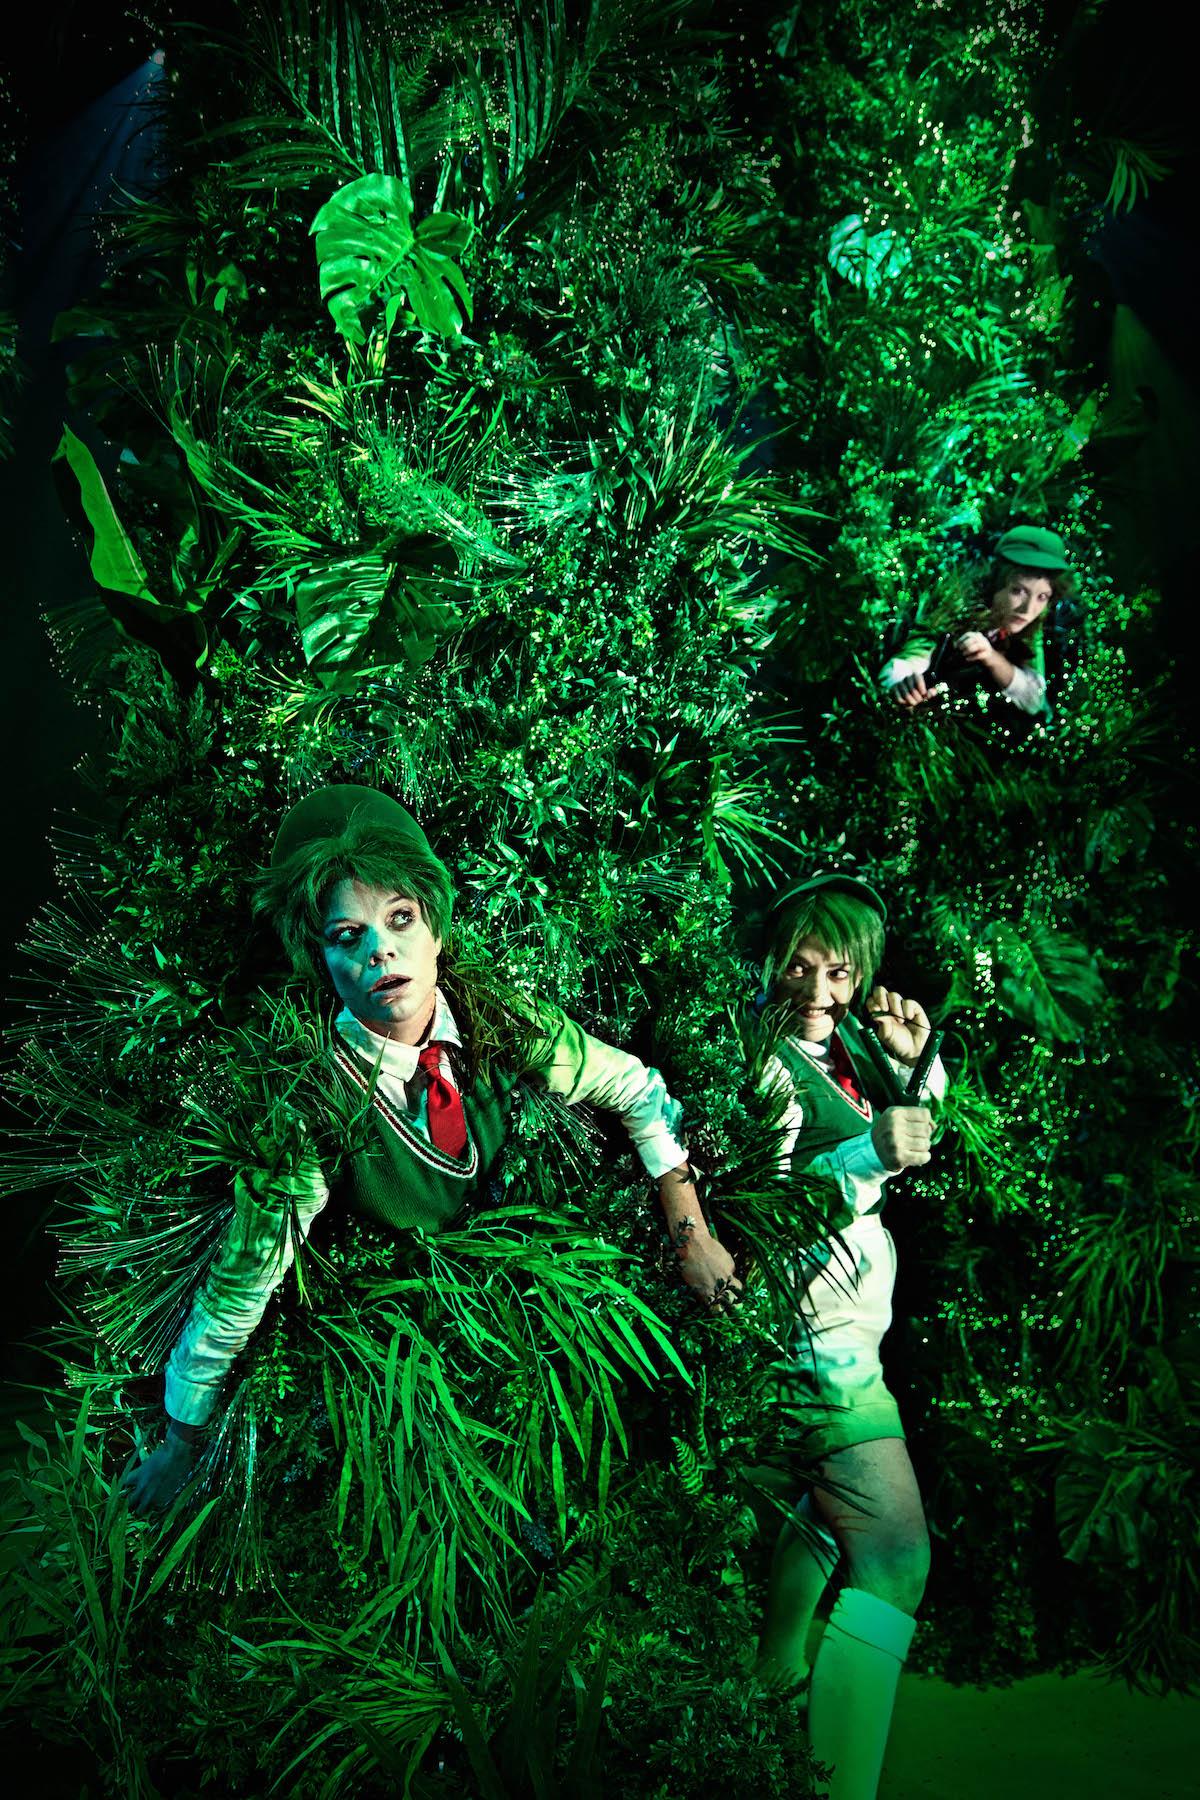 Peter Pan - Folketeatret